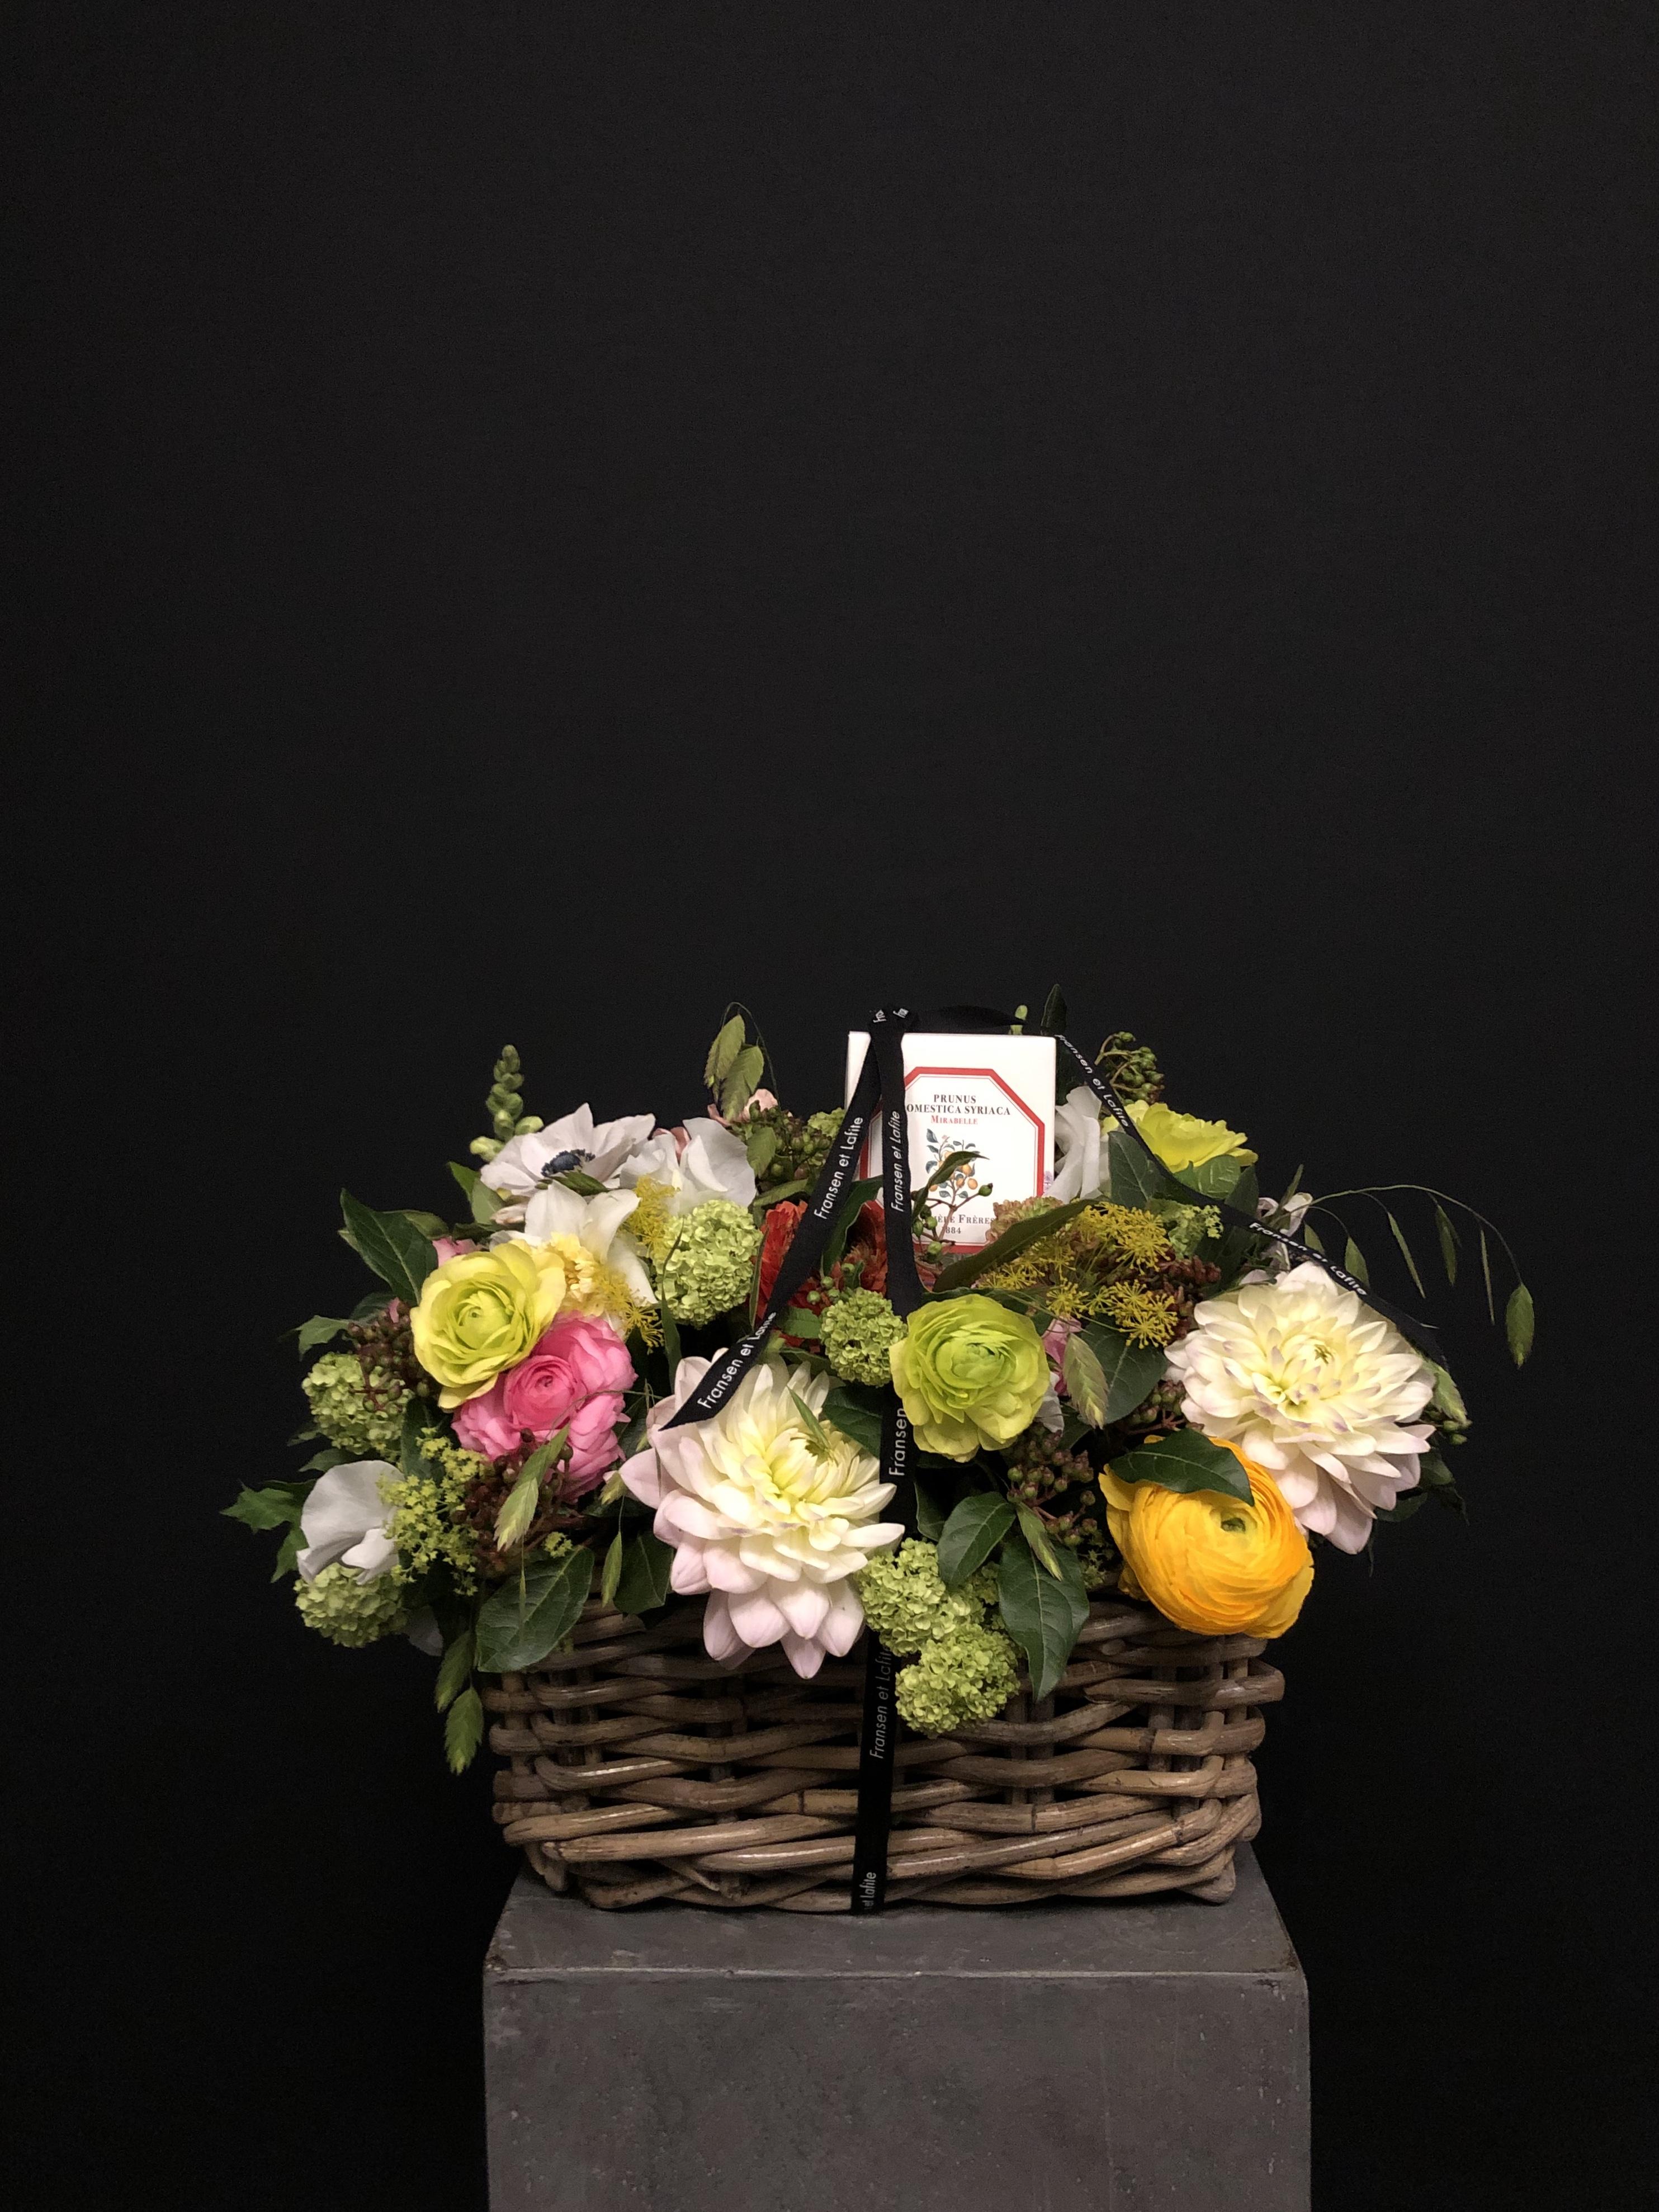 Cesta con flores y vela Carrière Frères